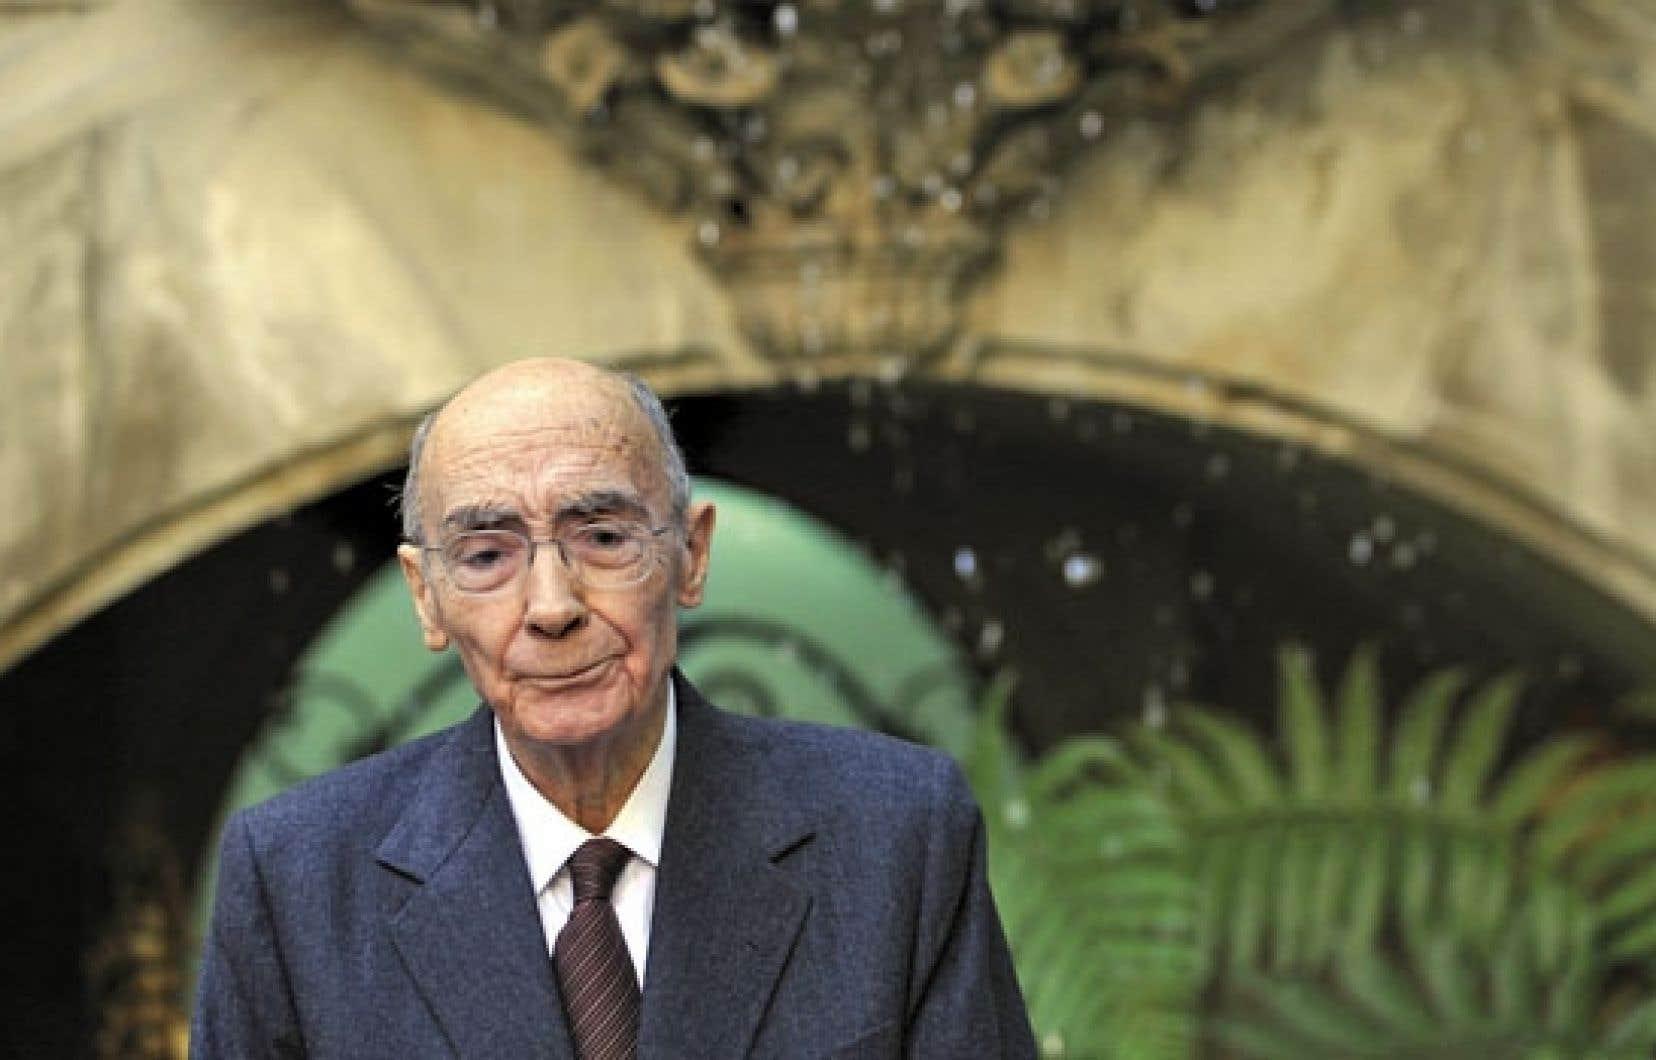 José Saramago a reçu le prix Nobel de la littérature en 1998. L'écrivain d'origine portugaise est décédé en 2010.